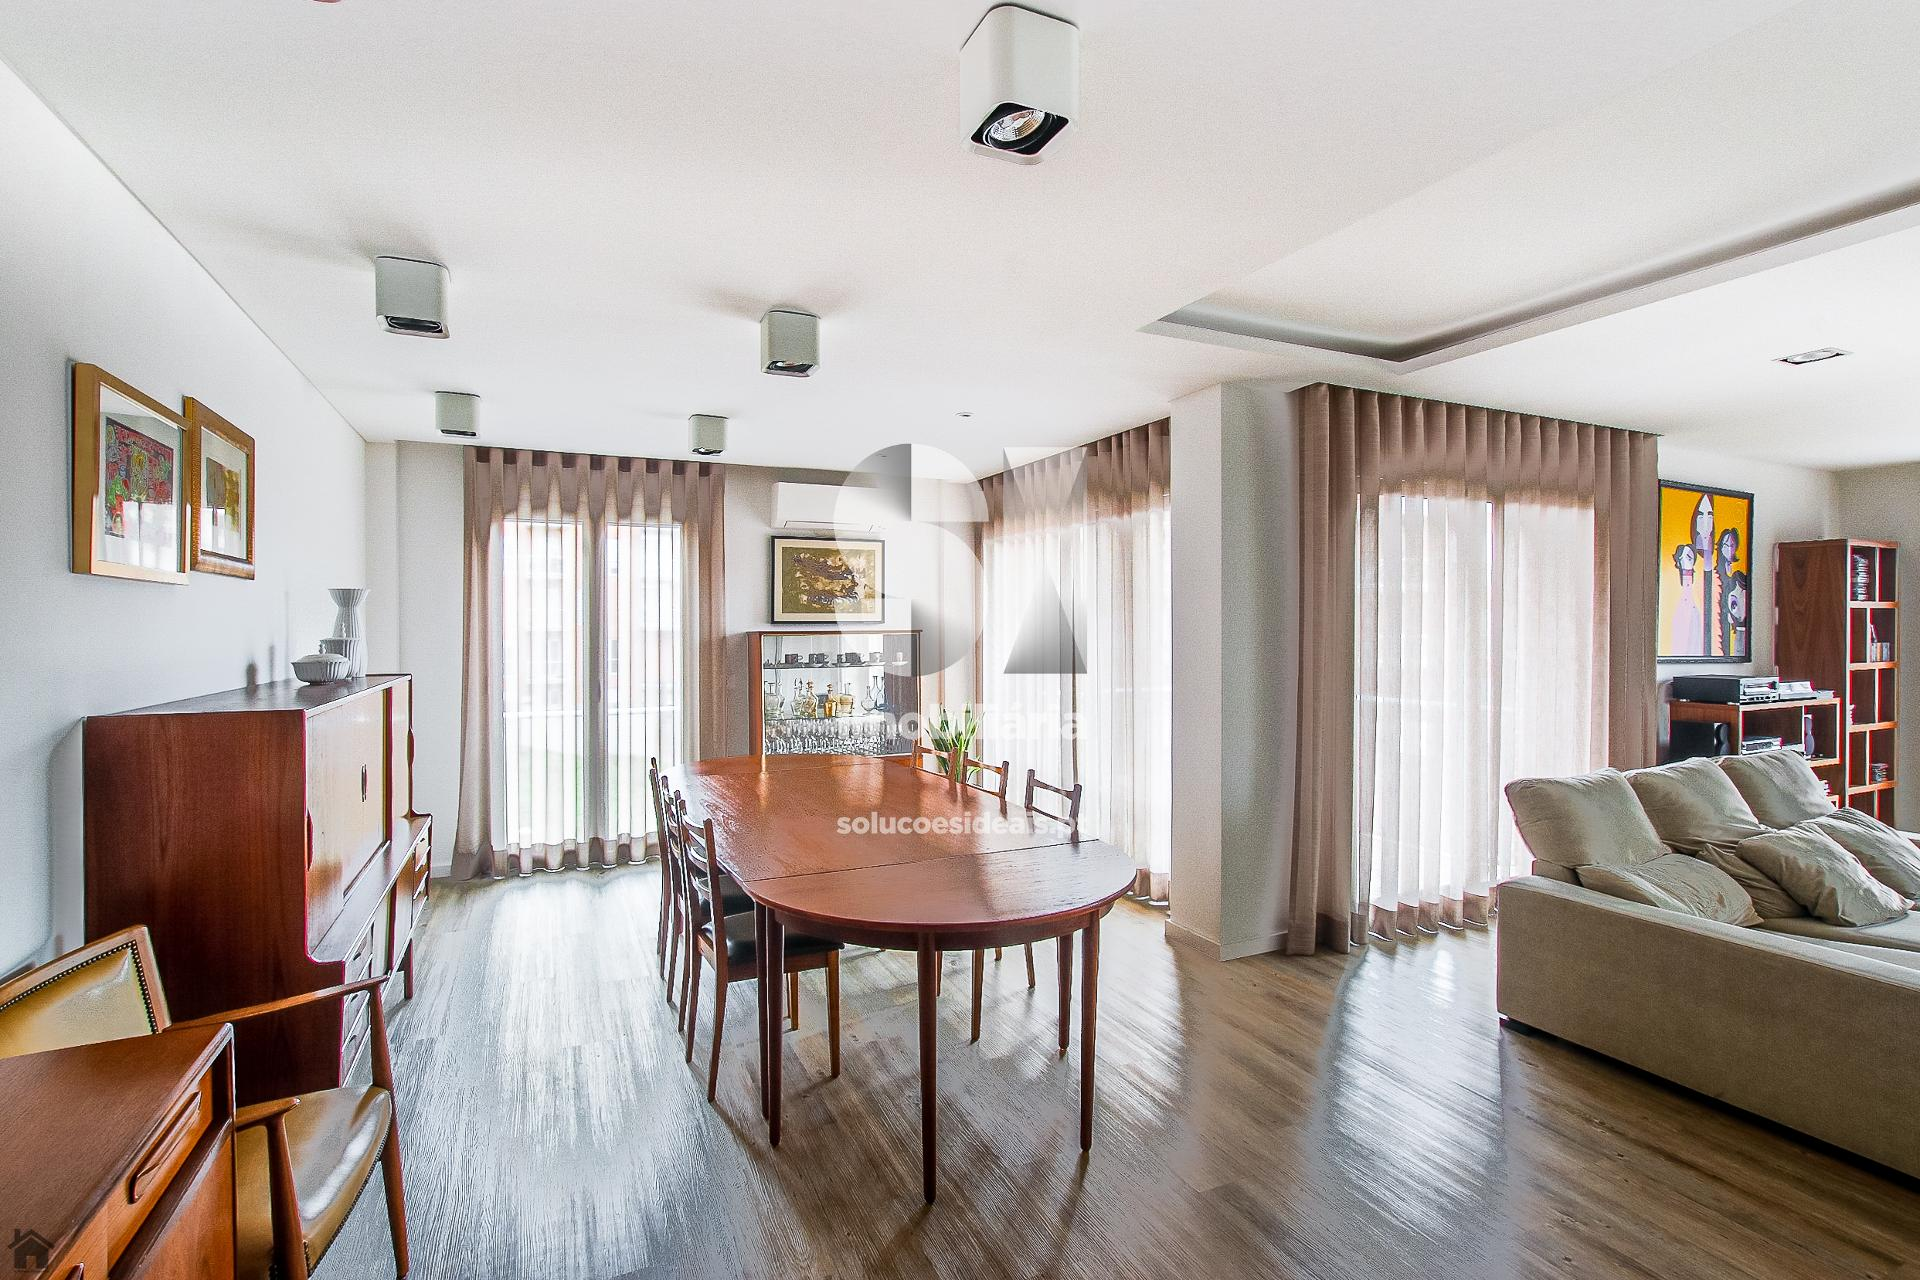 apartamento t4 para compra em coimbra santo antonio dos olivais portela SEDVM9711